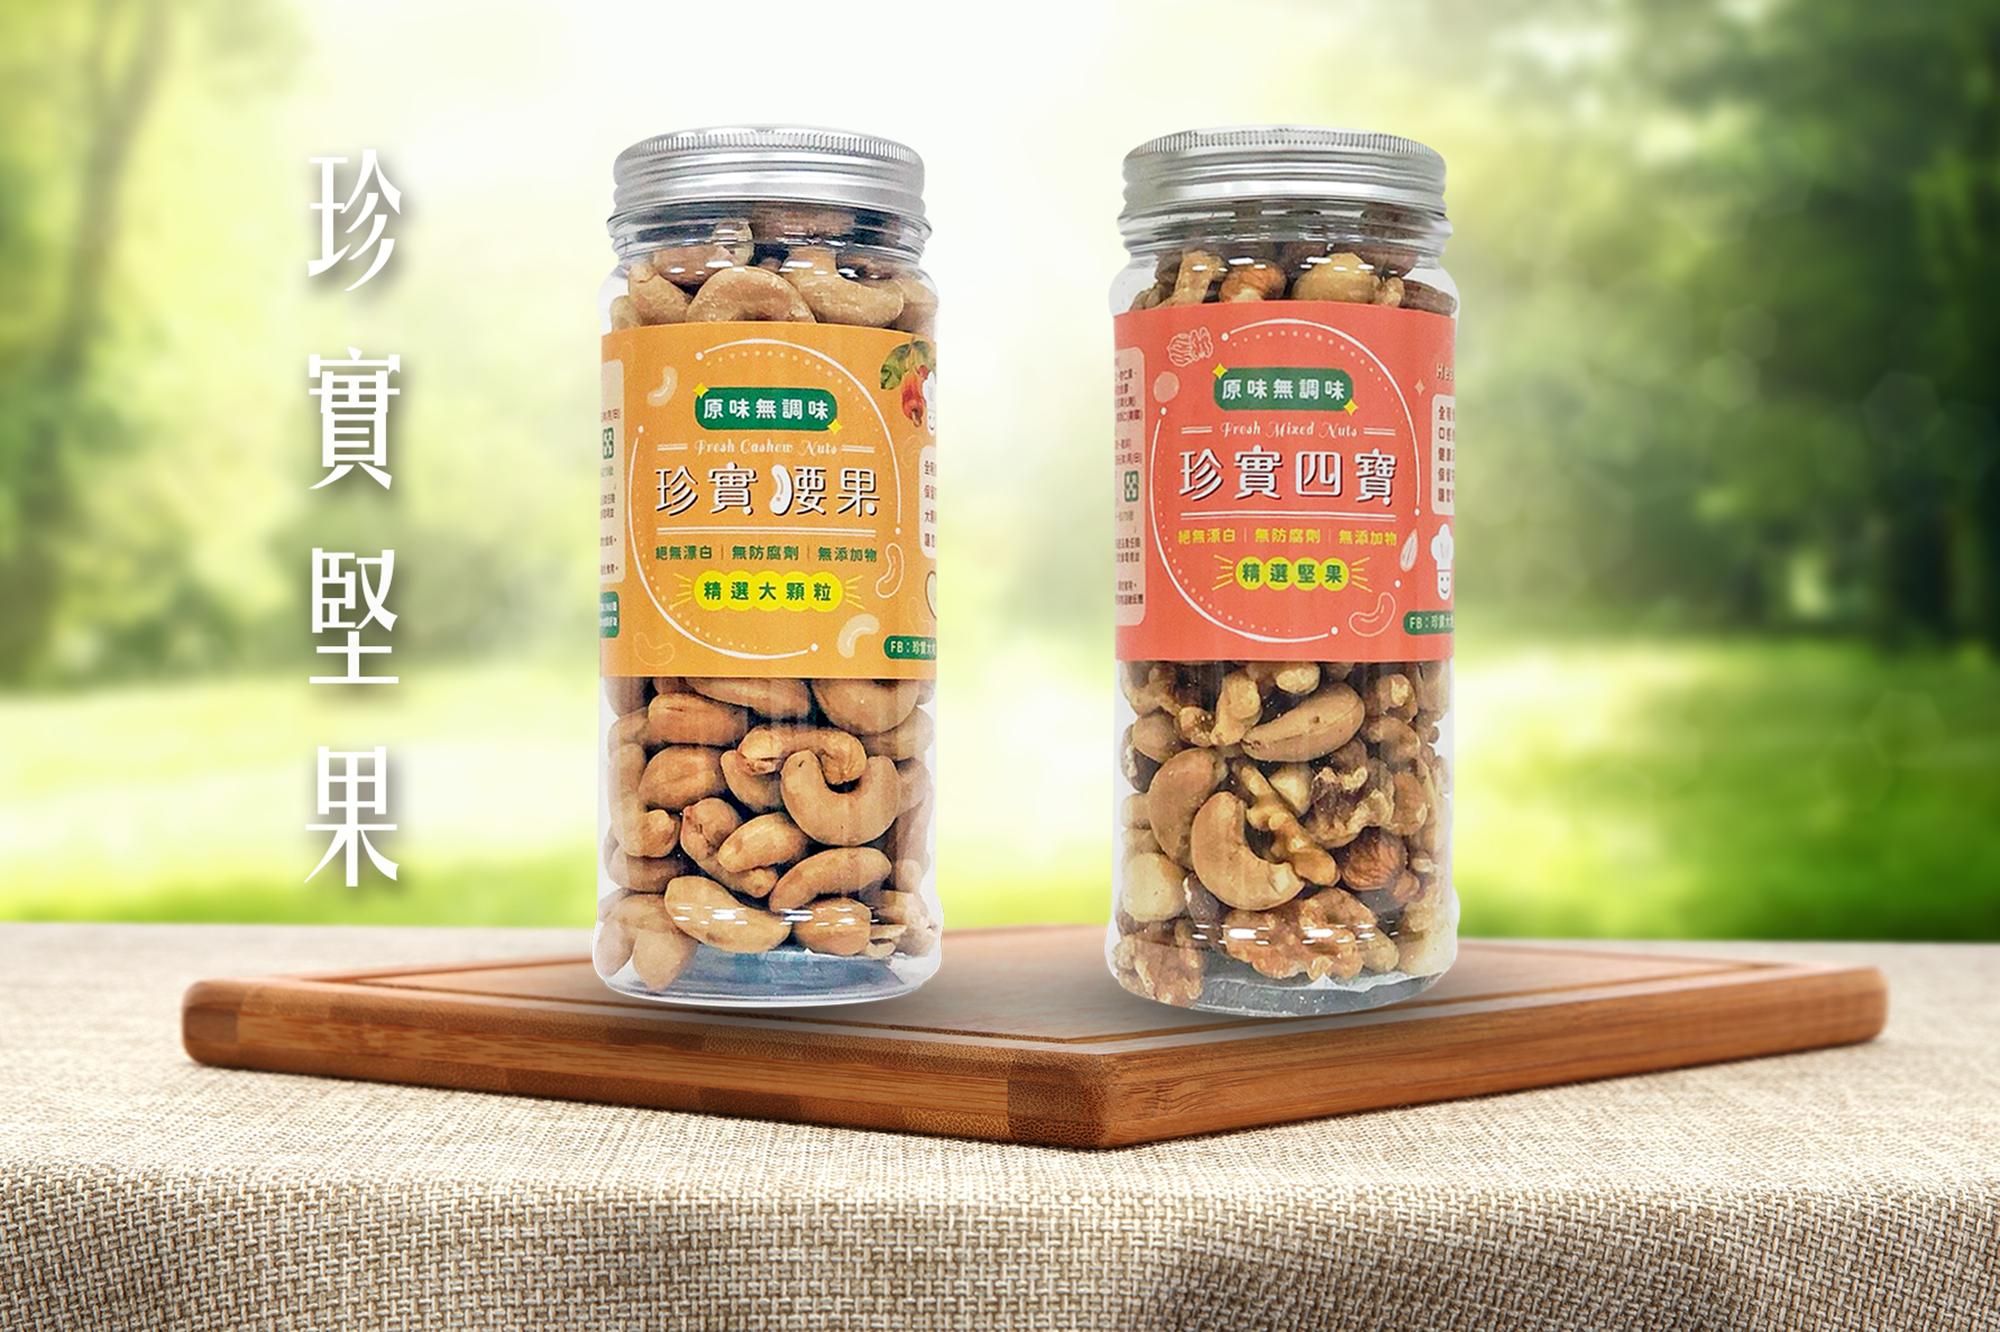 珍實大地-幸福嘸比|官網 | Treasure-Nuts